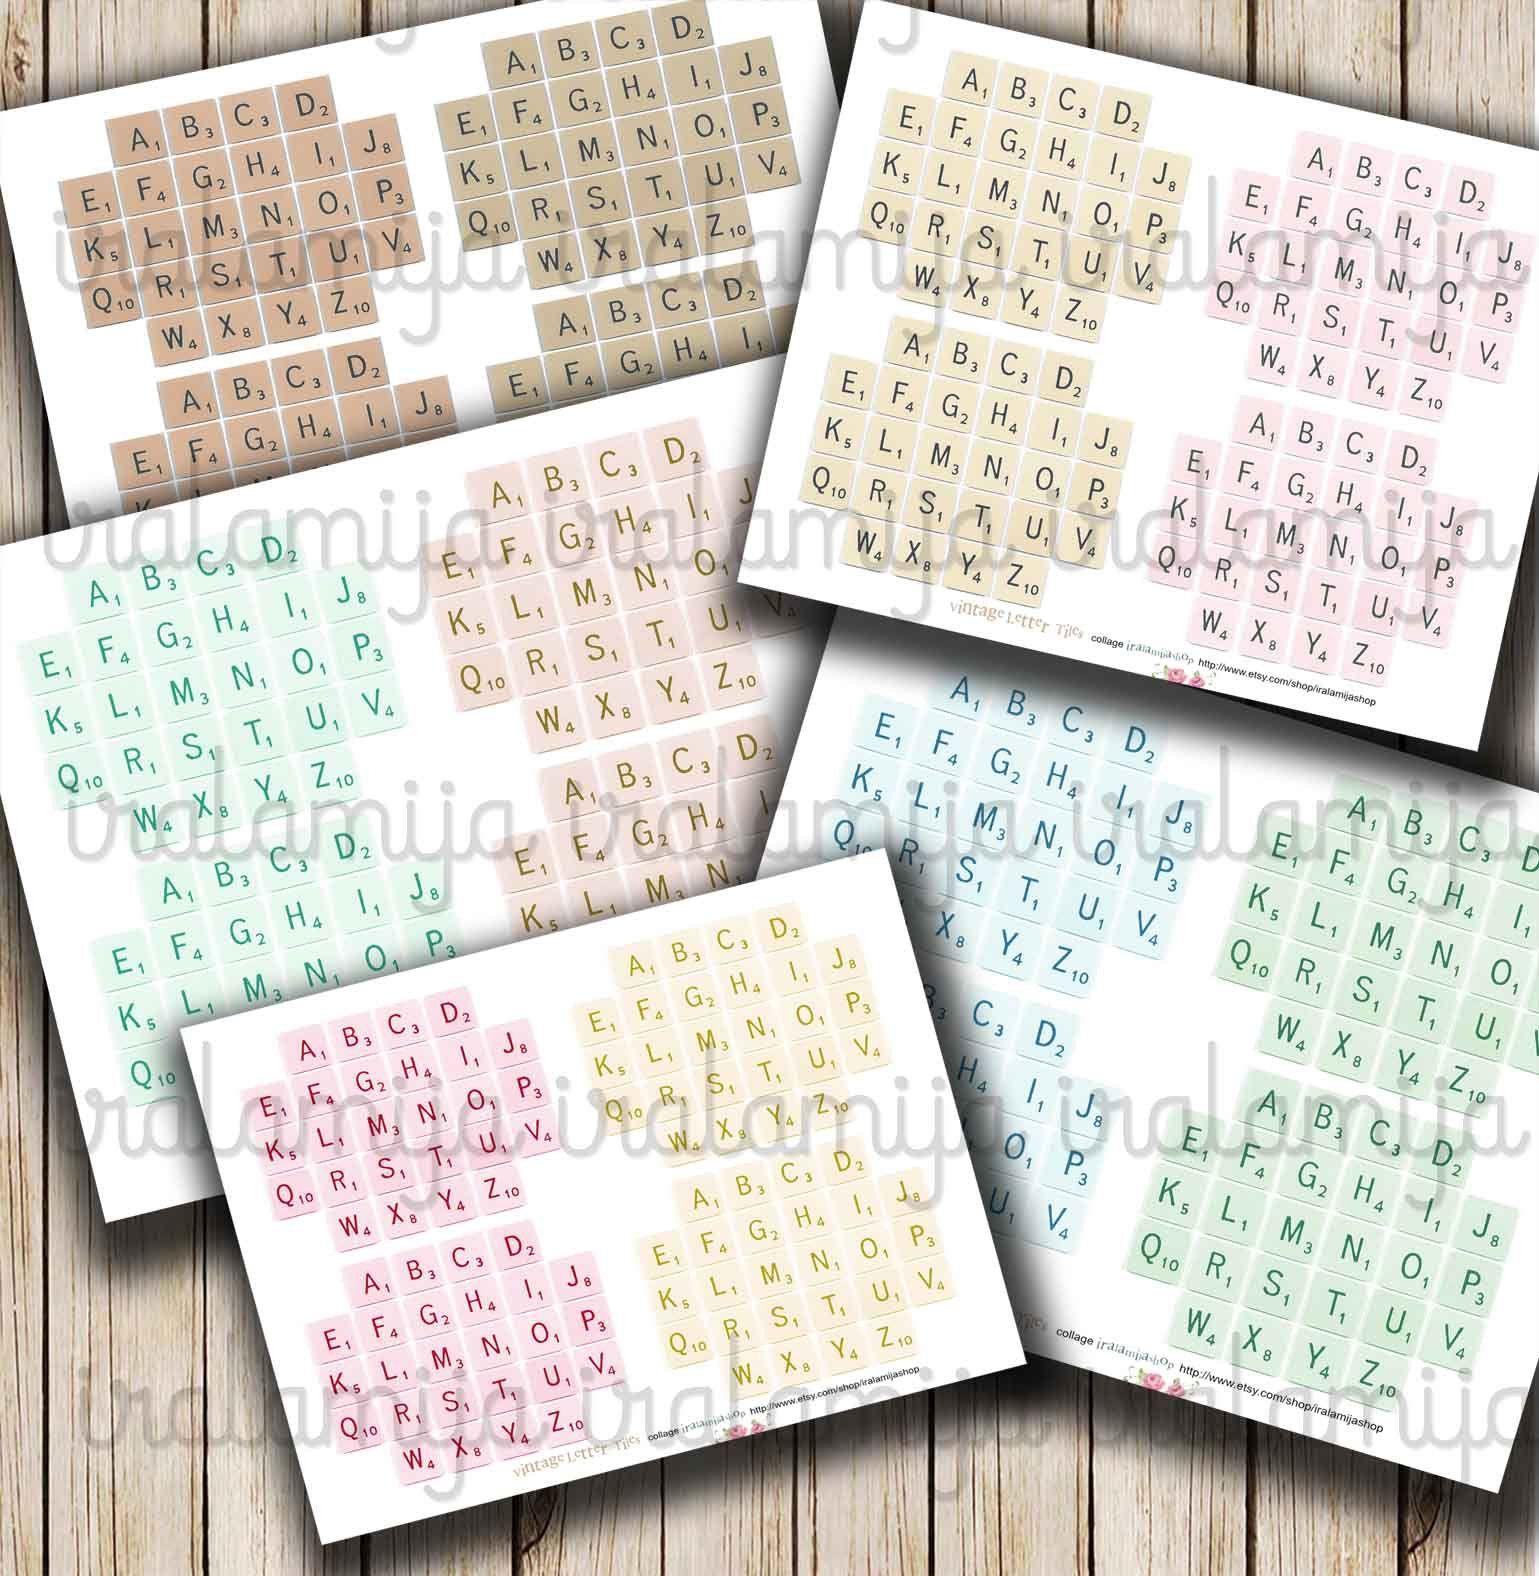 Vintage Letter Tiles Letter Alphabet Digital Images Scrabble Letters Printable Download File Digital Sheet Vintage Paper Scrapbook In 2021 Vintage Lettering Collage Sheet Digital Collage